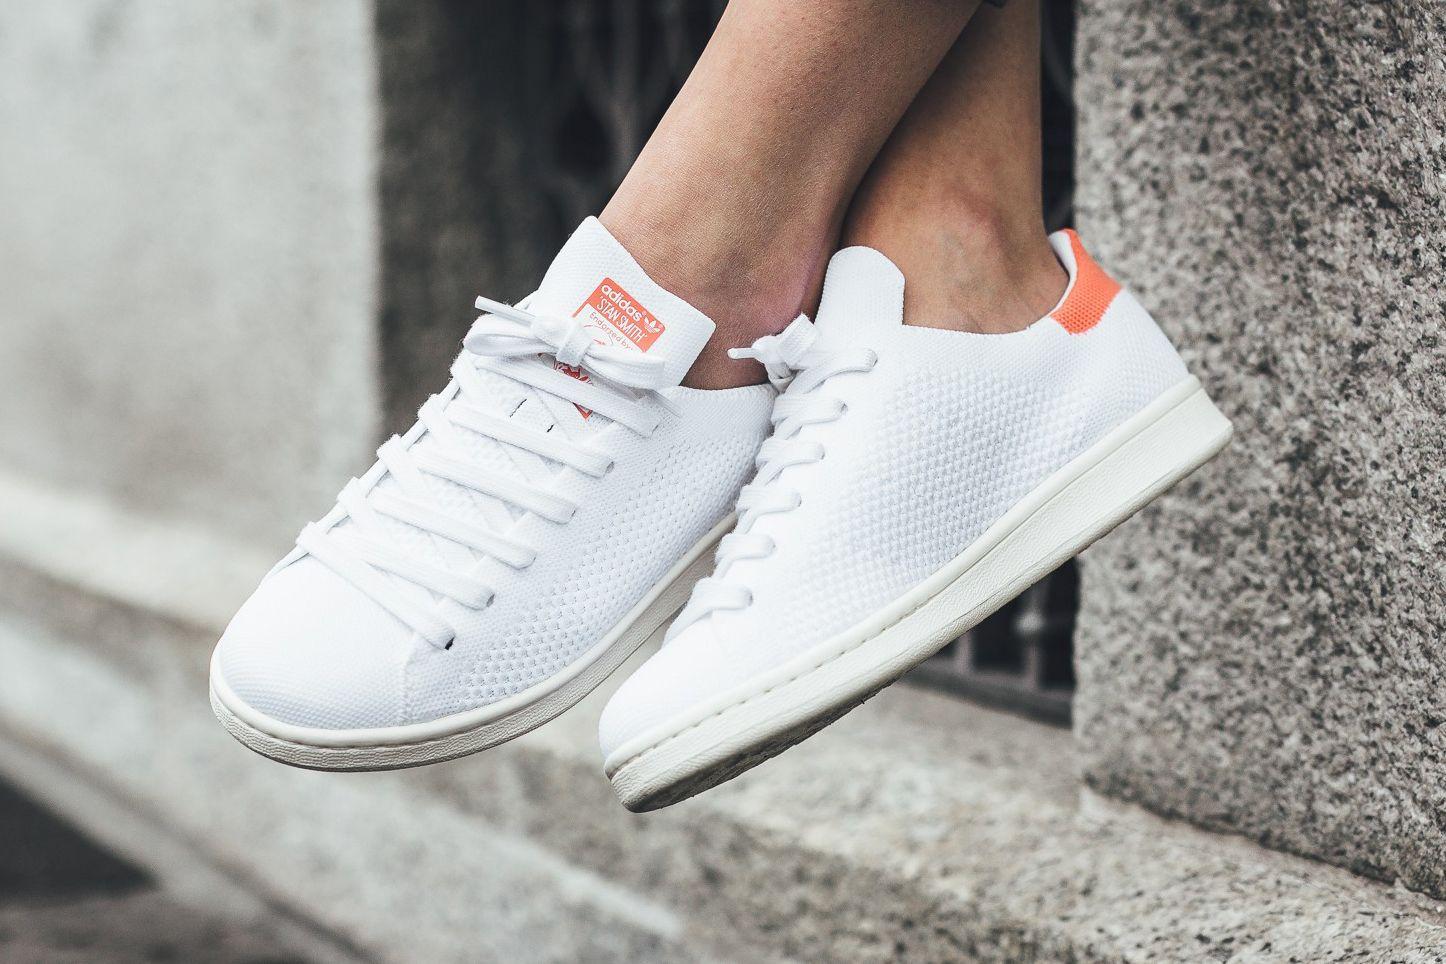 size 40 6e3f8 1e8a1 adidas Originals' Stan Smith Primeknit Gets a Dose of ...